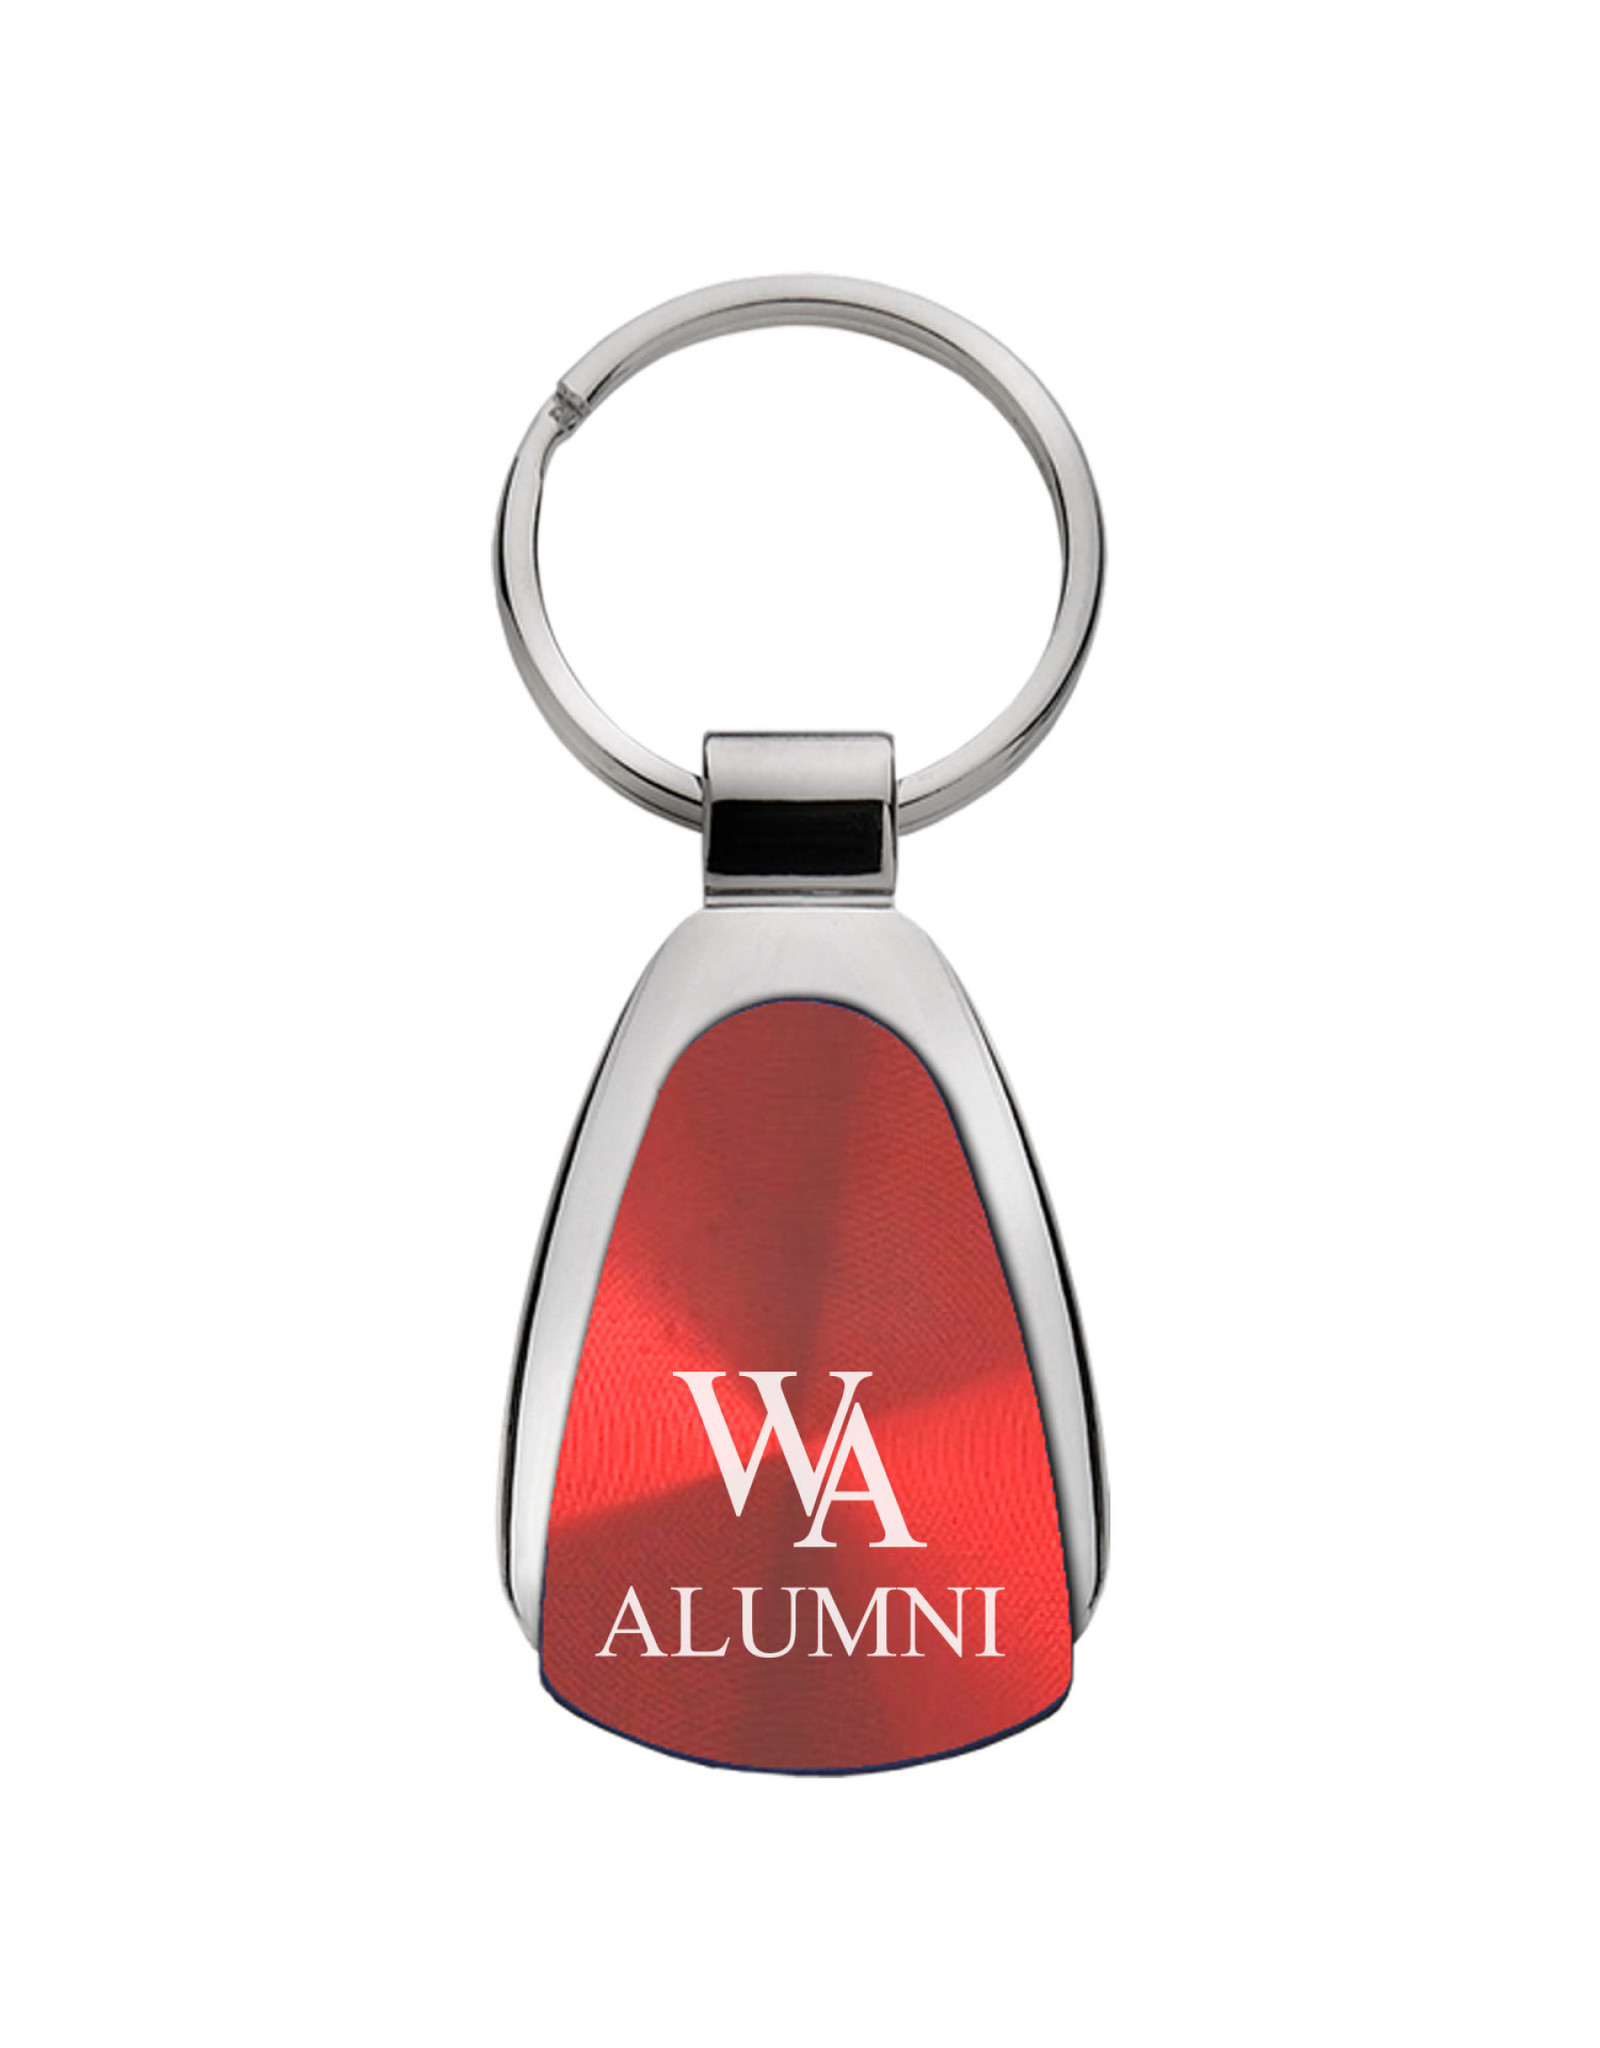 WA Alumni Key Chain